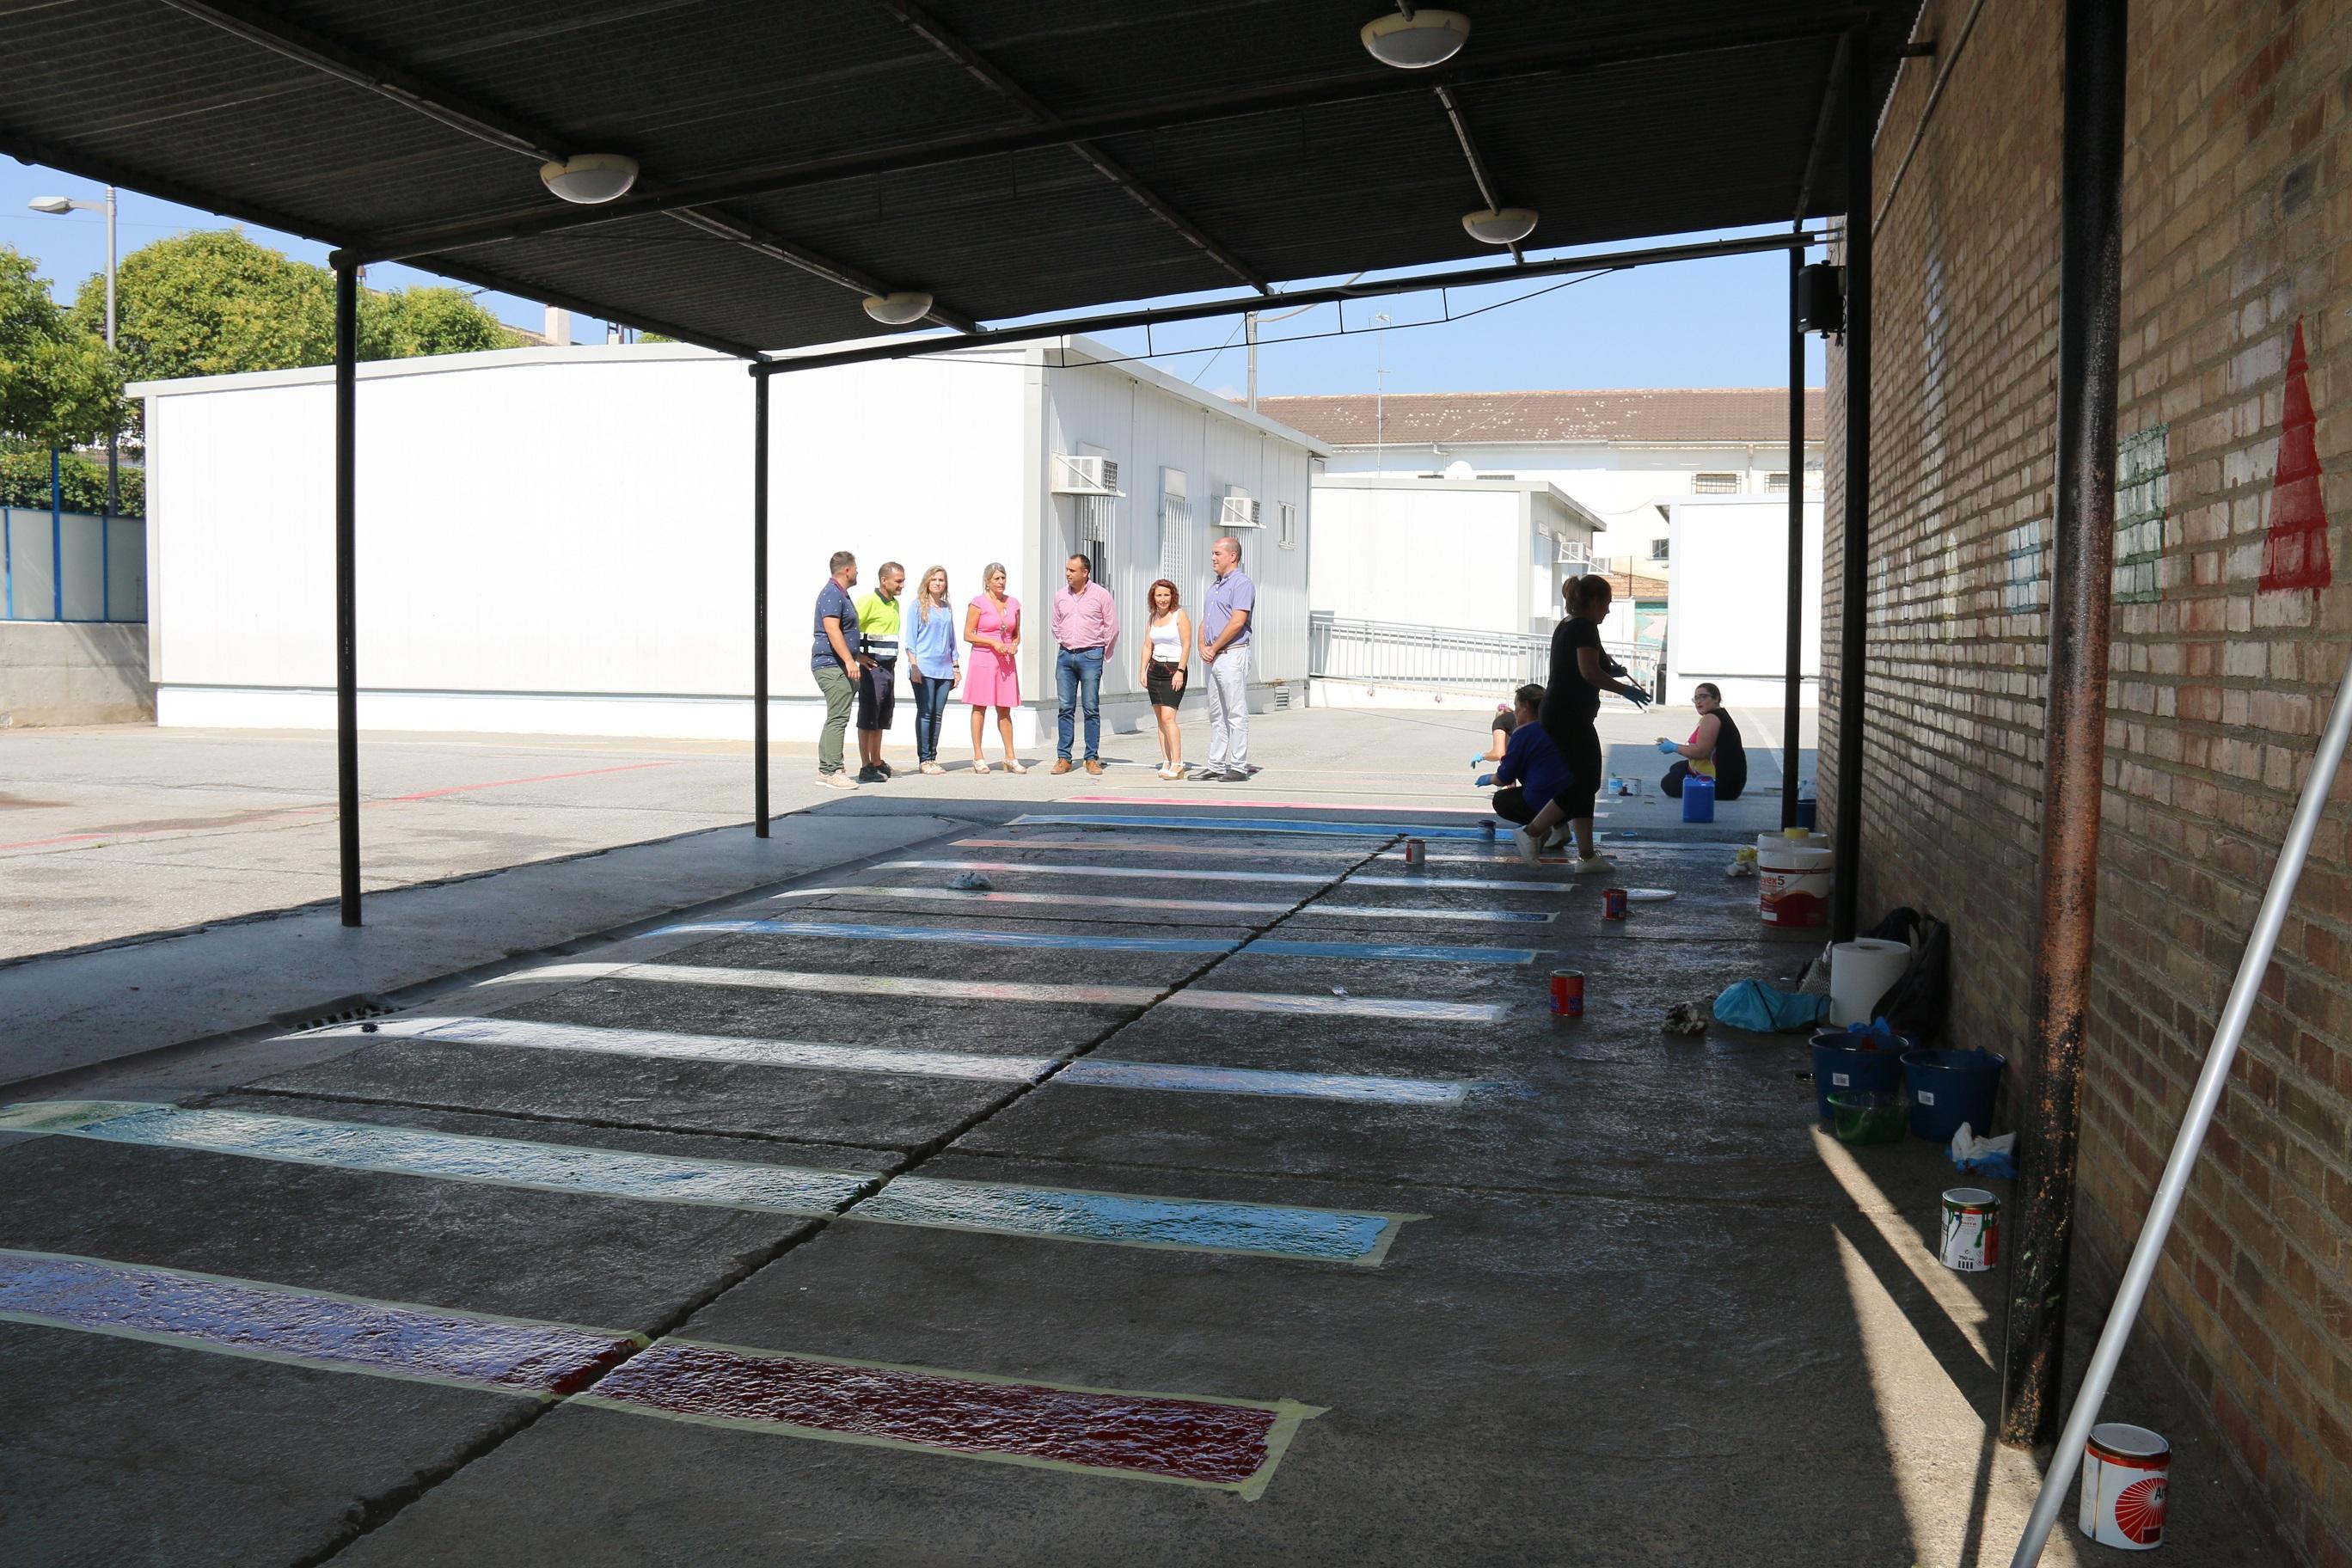 La Junta ignora a Alhendín, que da clases a 800 niños en un colegio con capacidad para 400